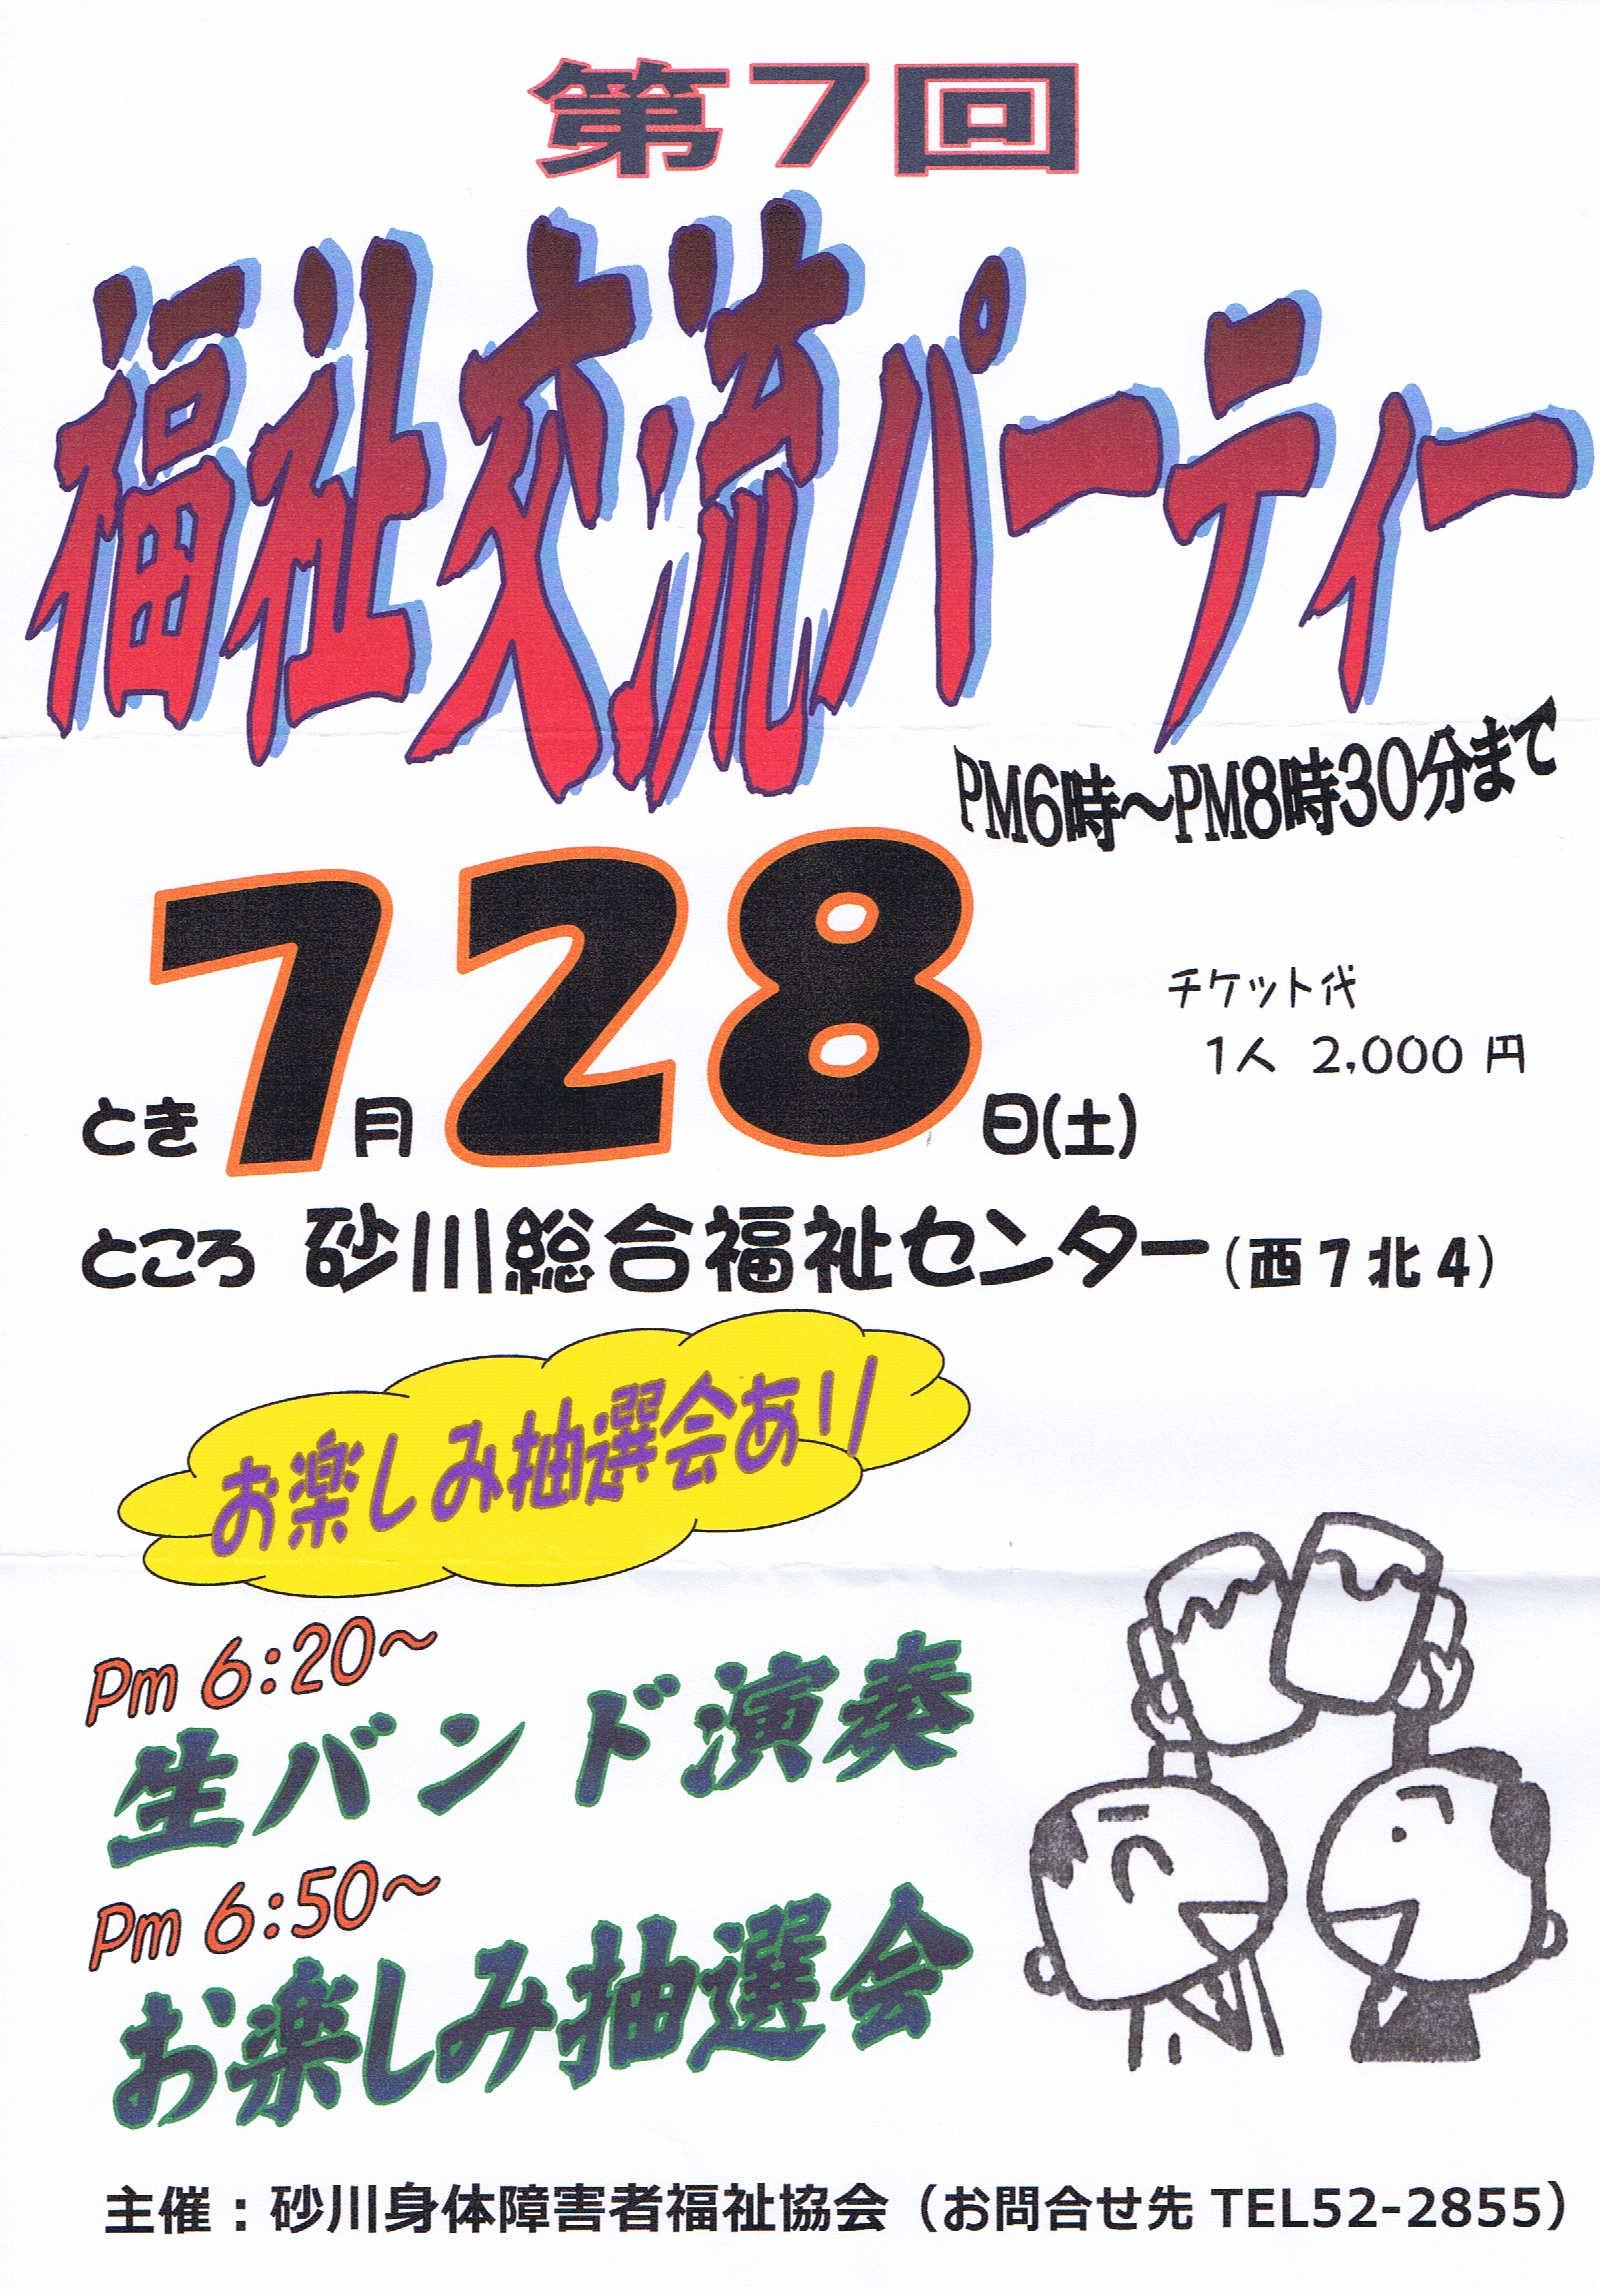 第7回福祉交流パーティーのポスター